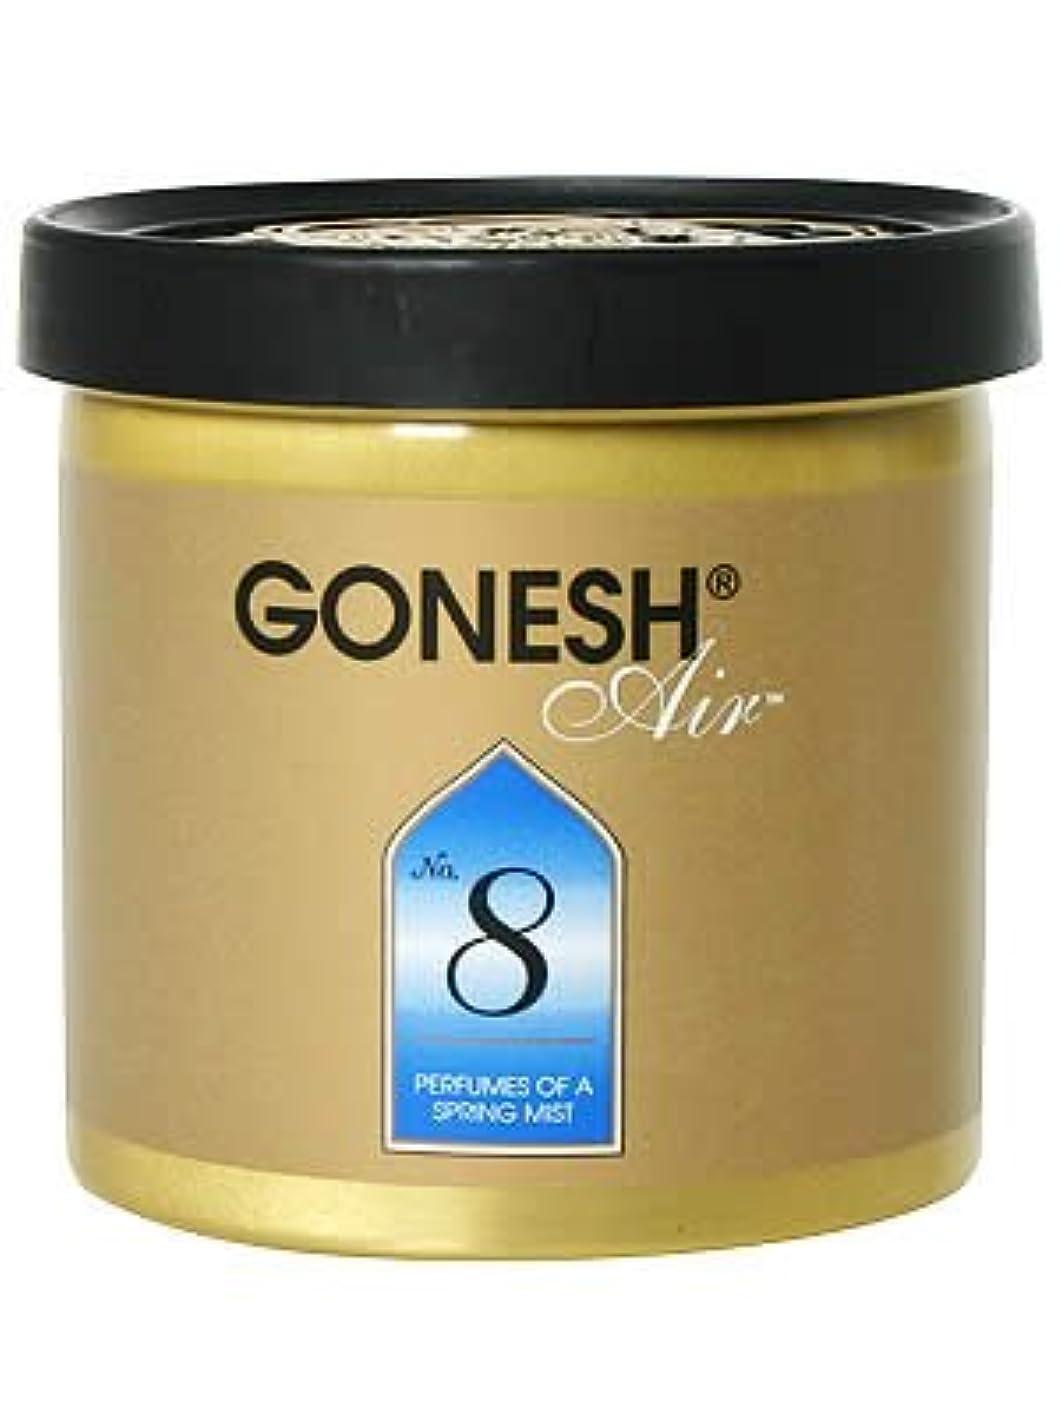 擬人入手します規定GONESH ゲルエアフレッシュナー No.8(スプリングミスト)